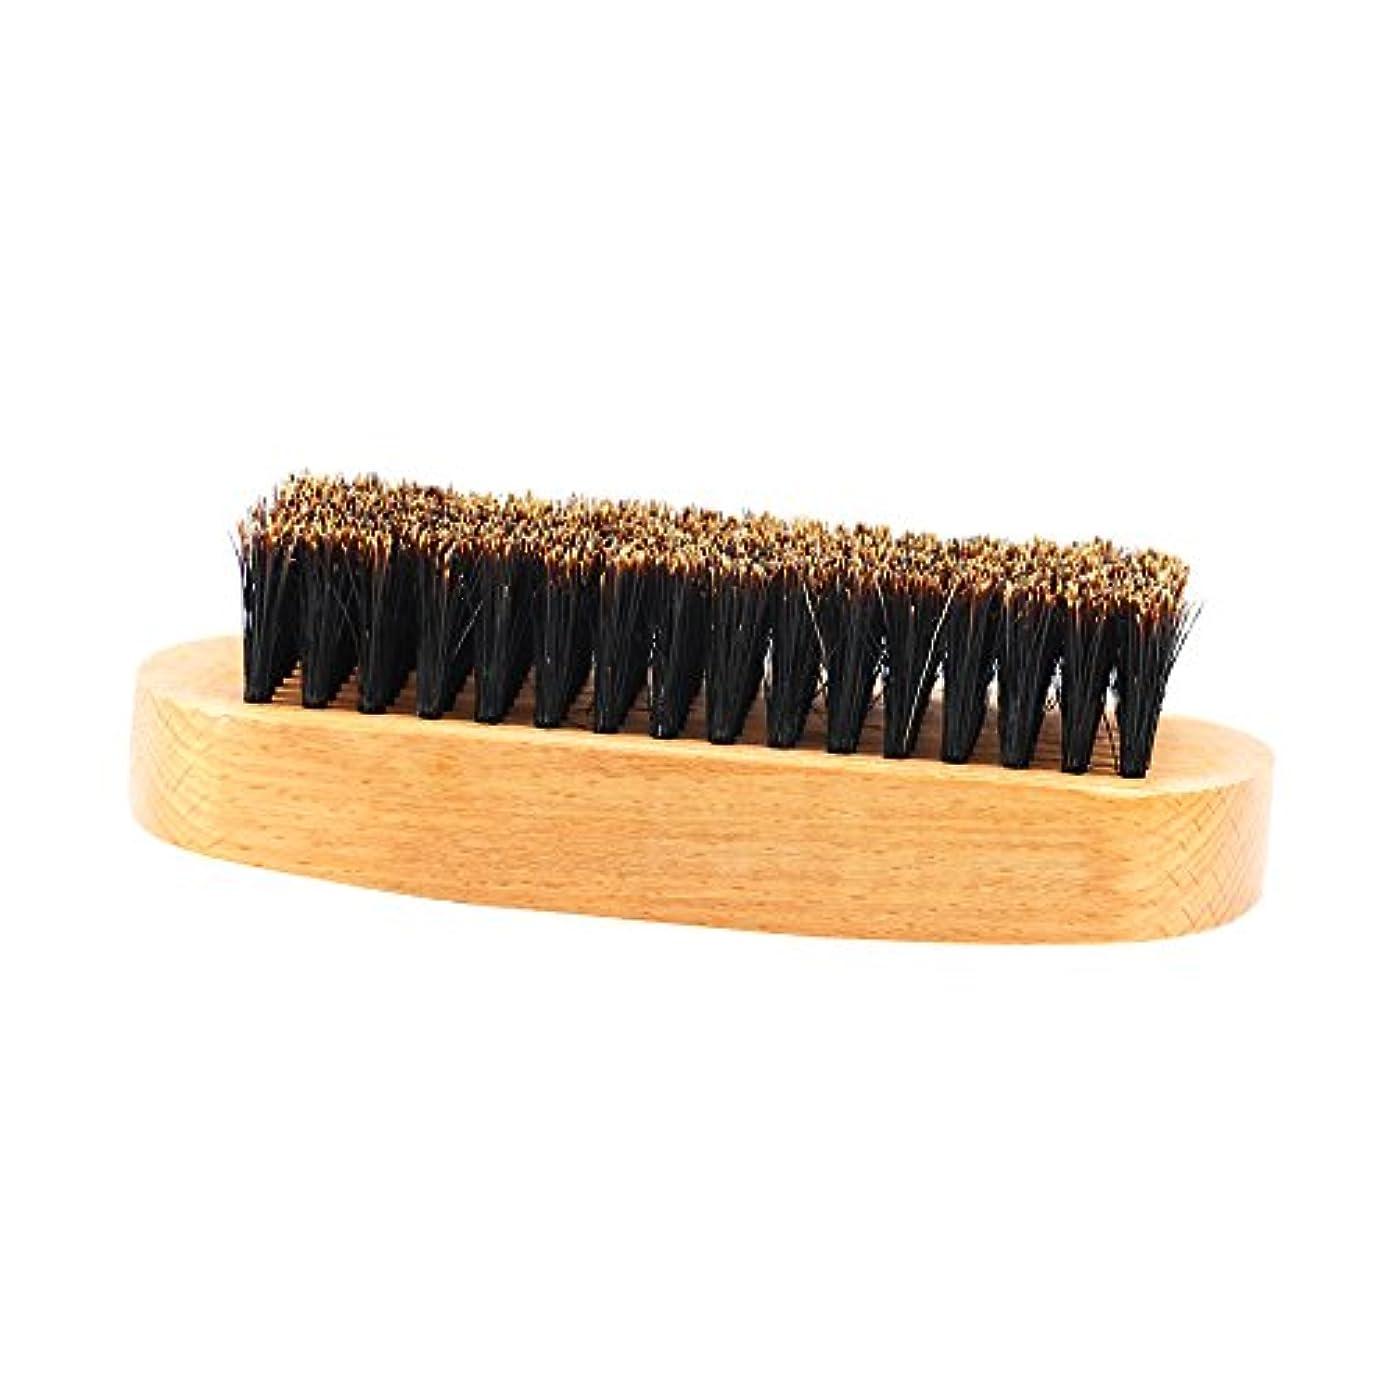 合図ステージ飢人の口ひげのスタイリングの手入れをすることのための木のハンドルのひげのブラシのイノシシの剛毛 - #1